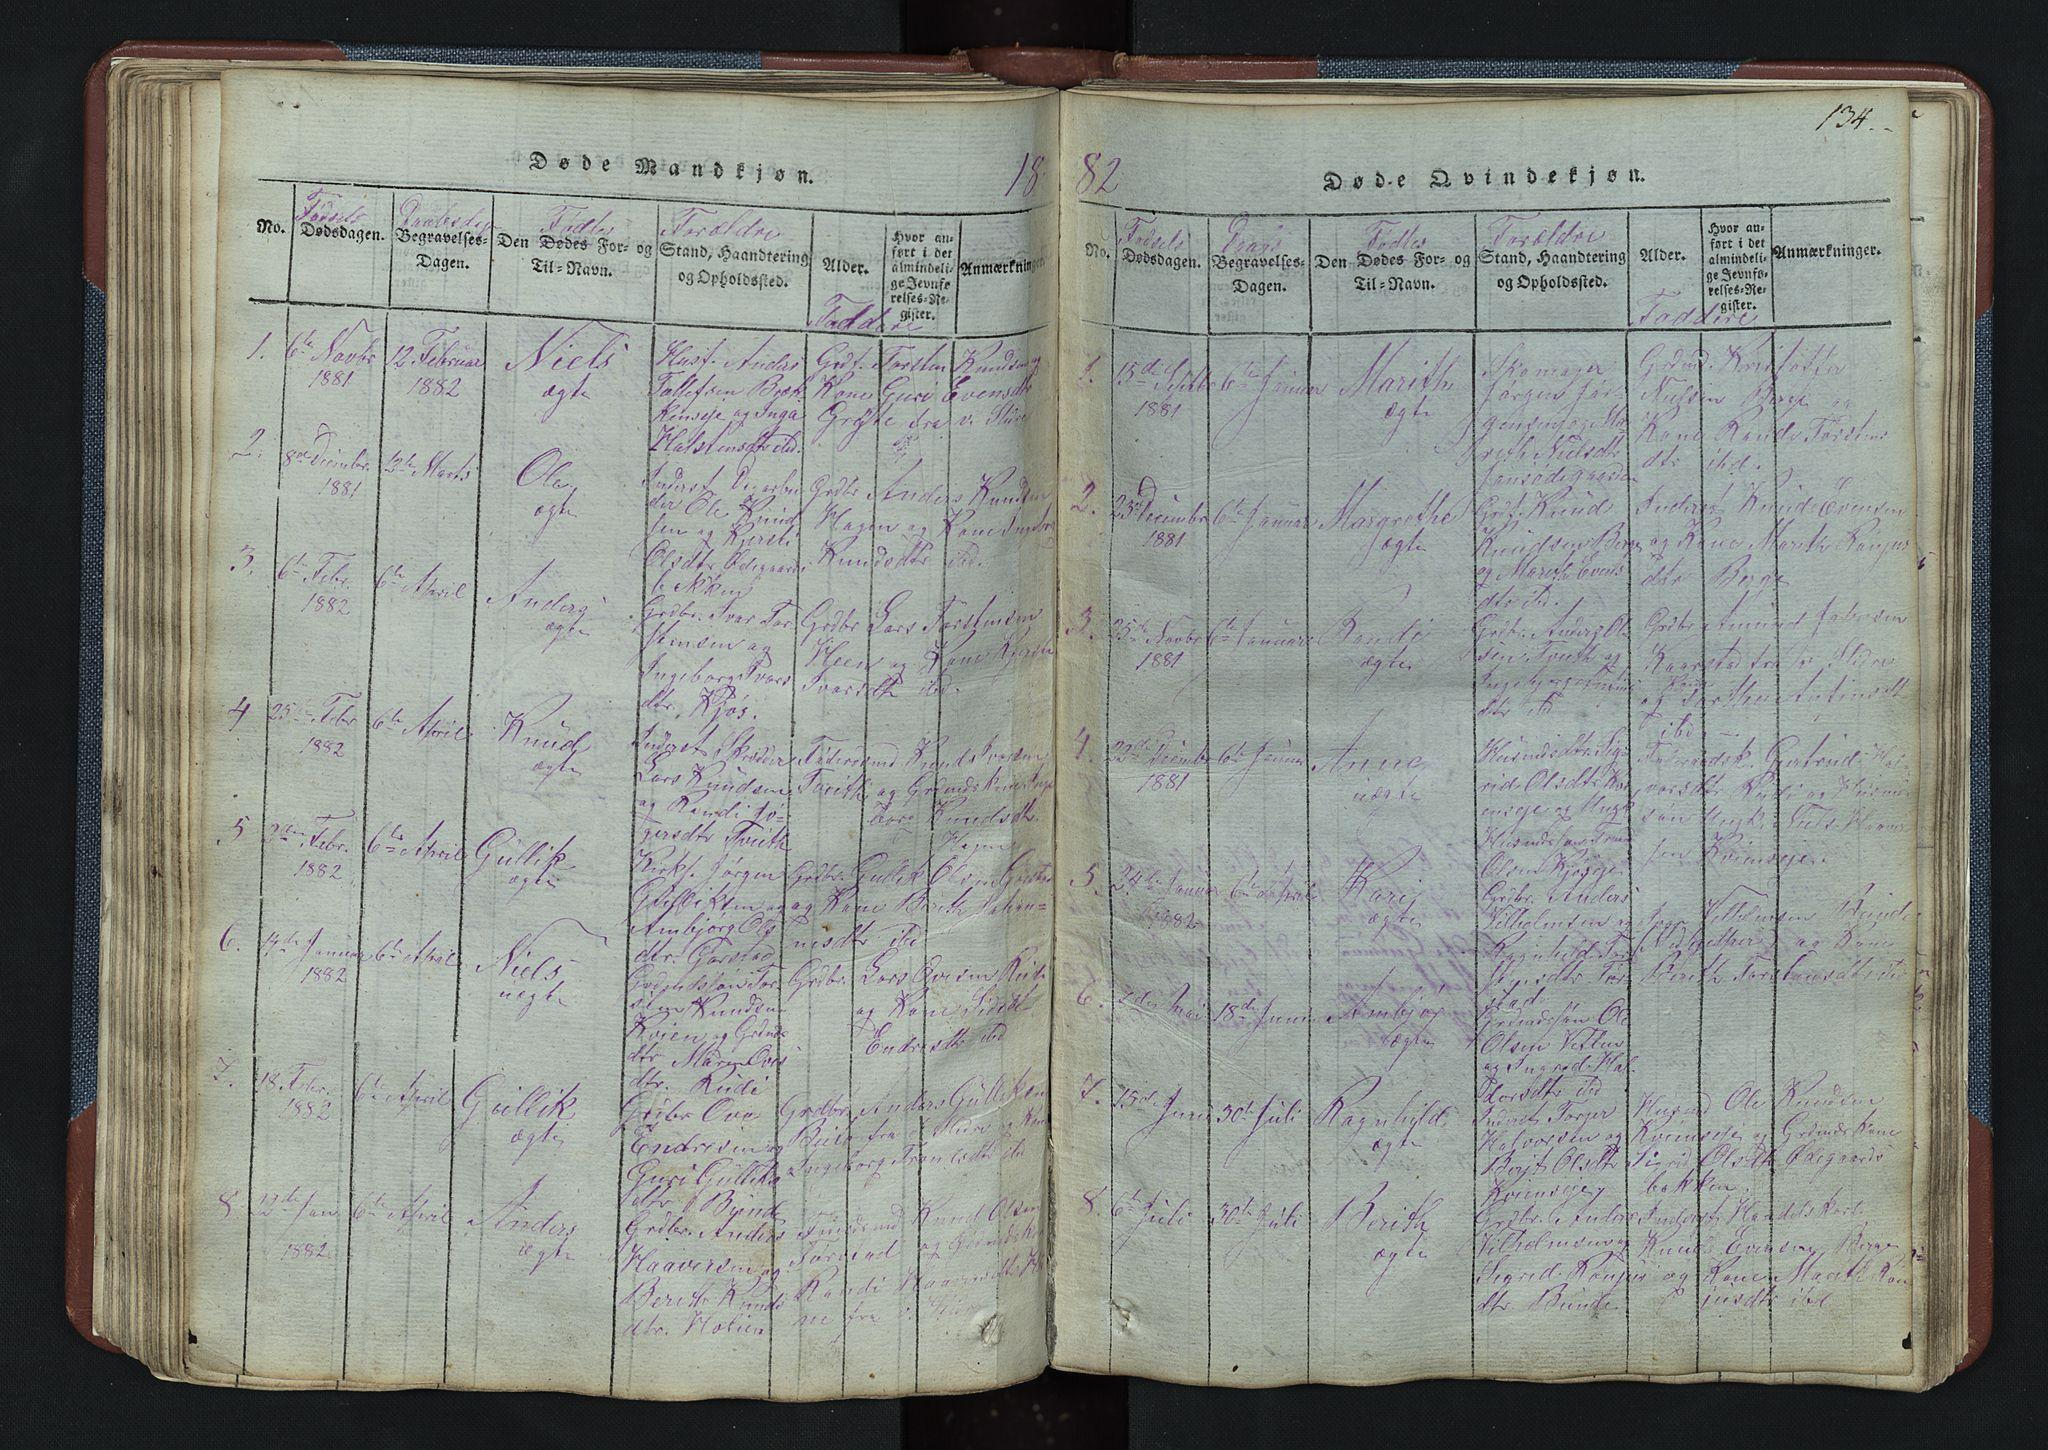 SAH, Vang prestekontor, Valdres, Klokkerbok nr. 3, 1814-1892, s. 134